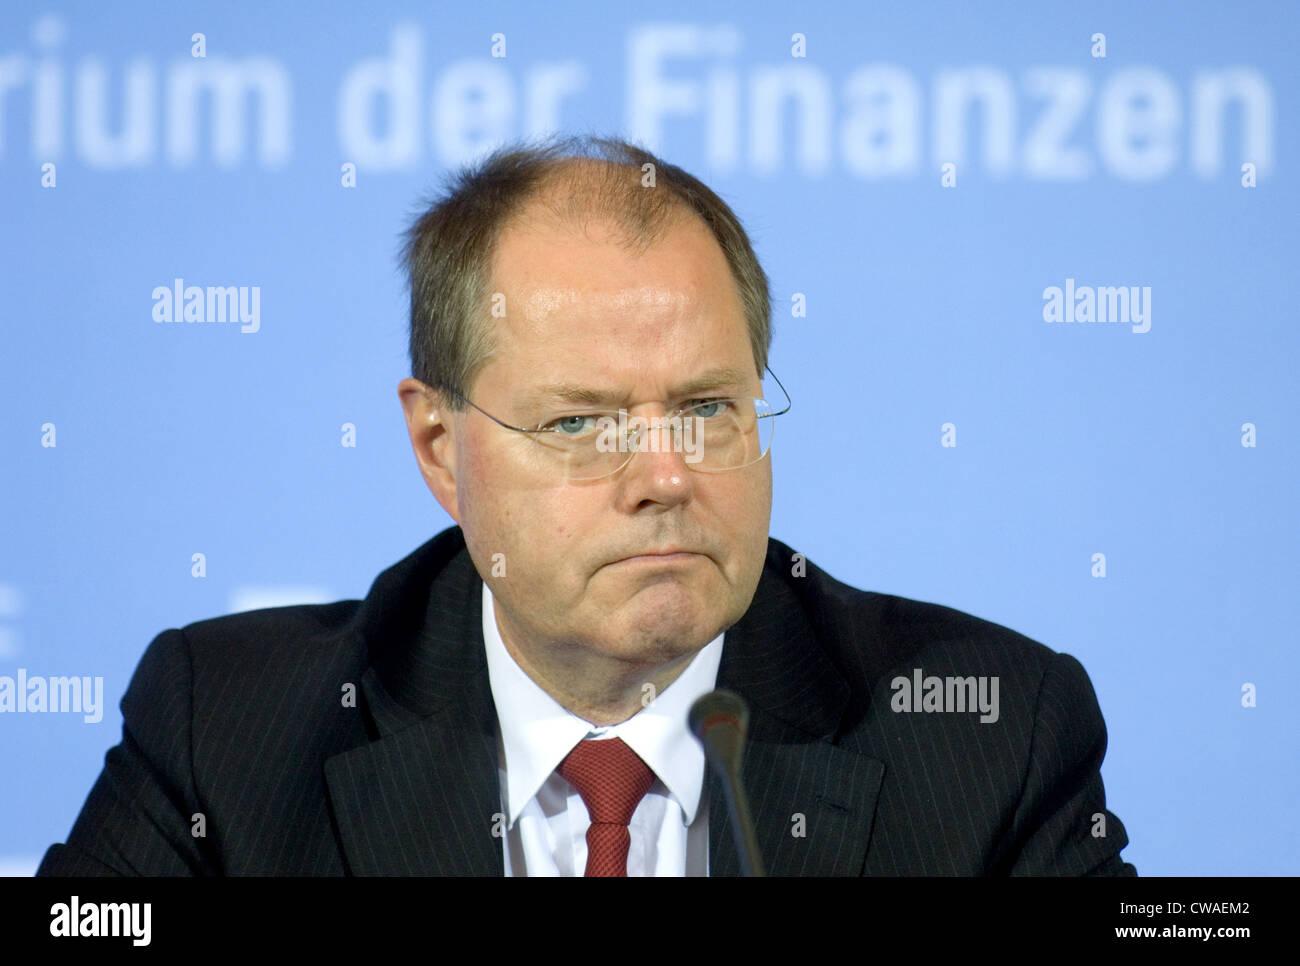 Finance Minister Peer Steinbrueck (SPD) - Stock Image